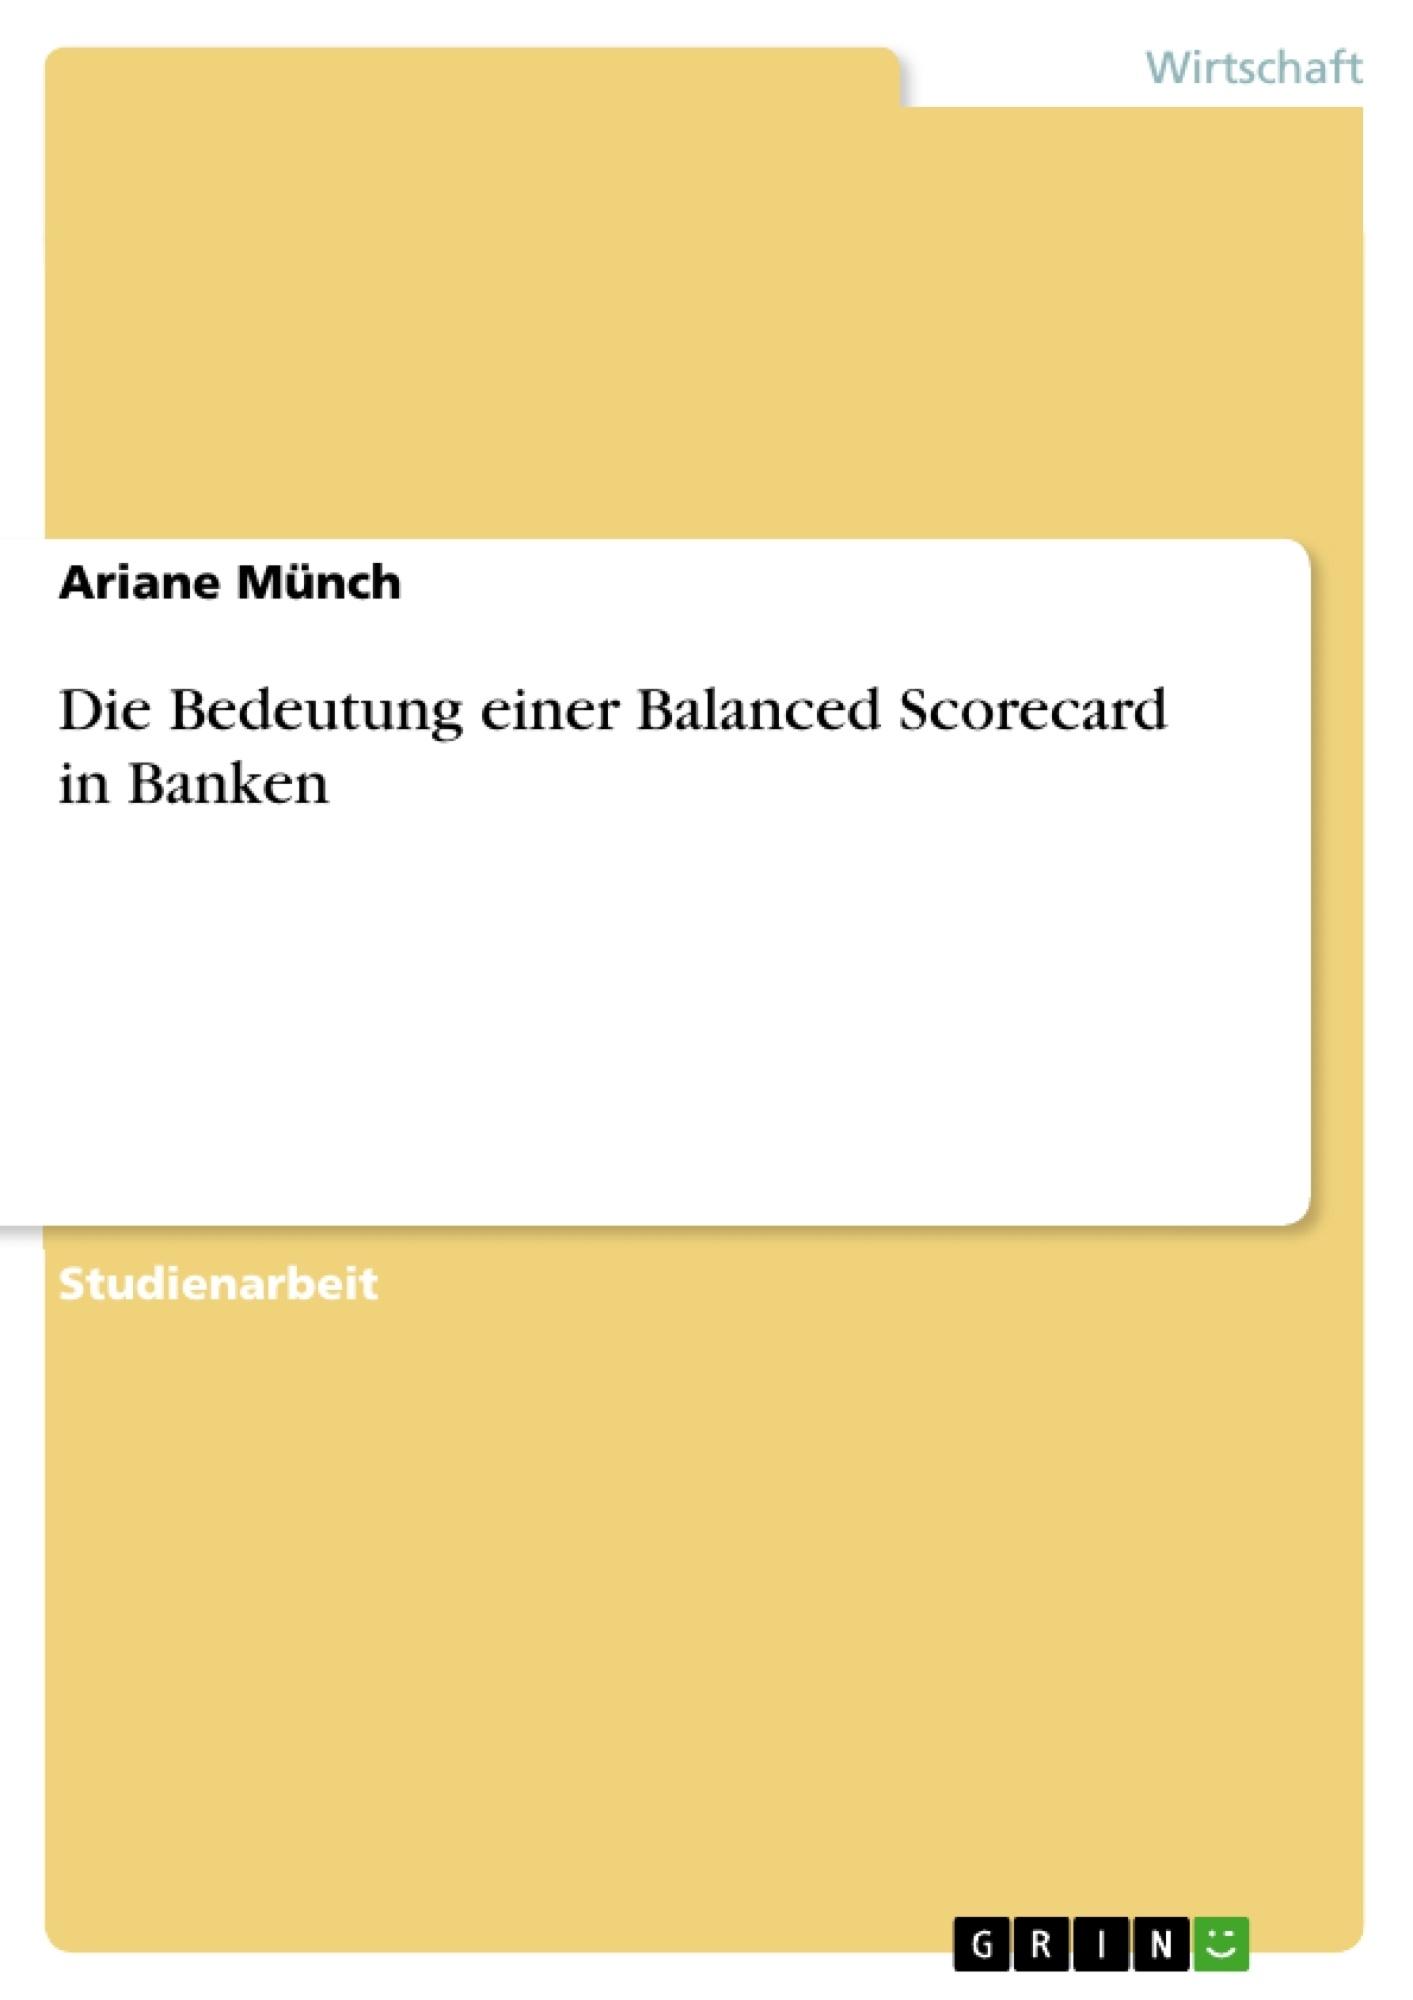 Titel: Die Bedeutung einer Balanced Scorecard in Banken